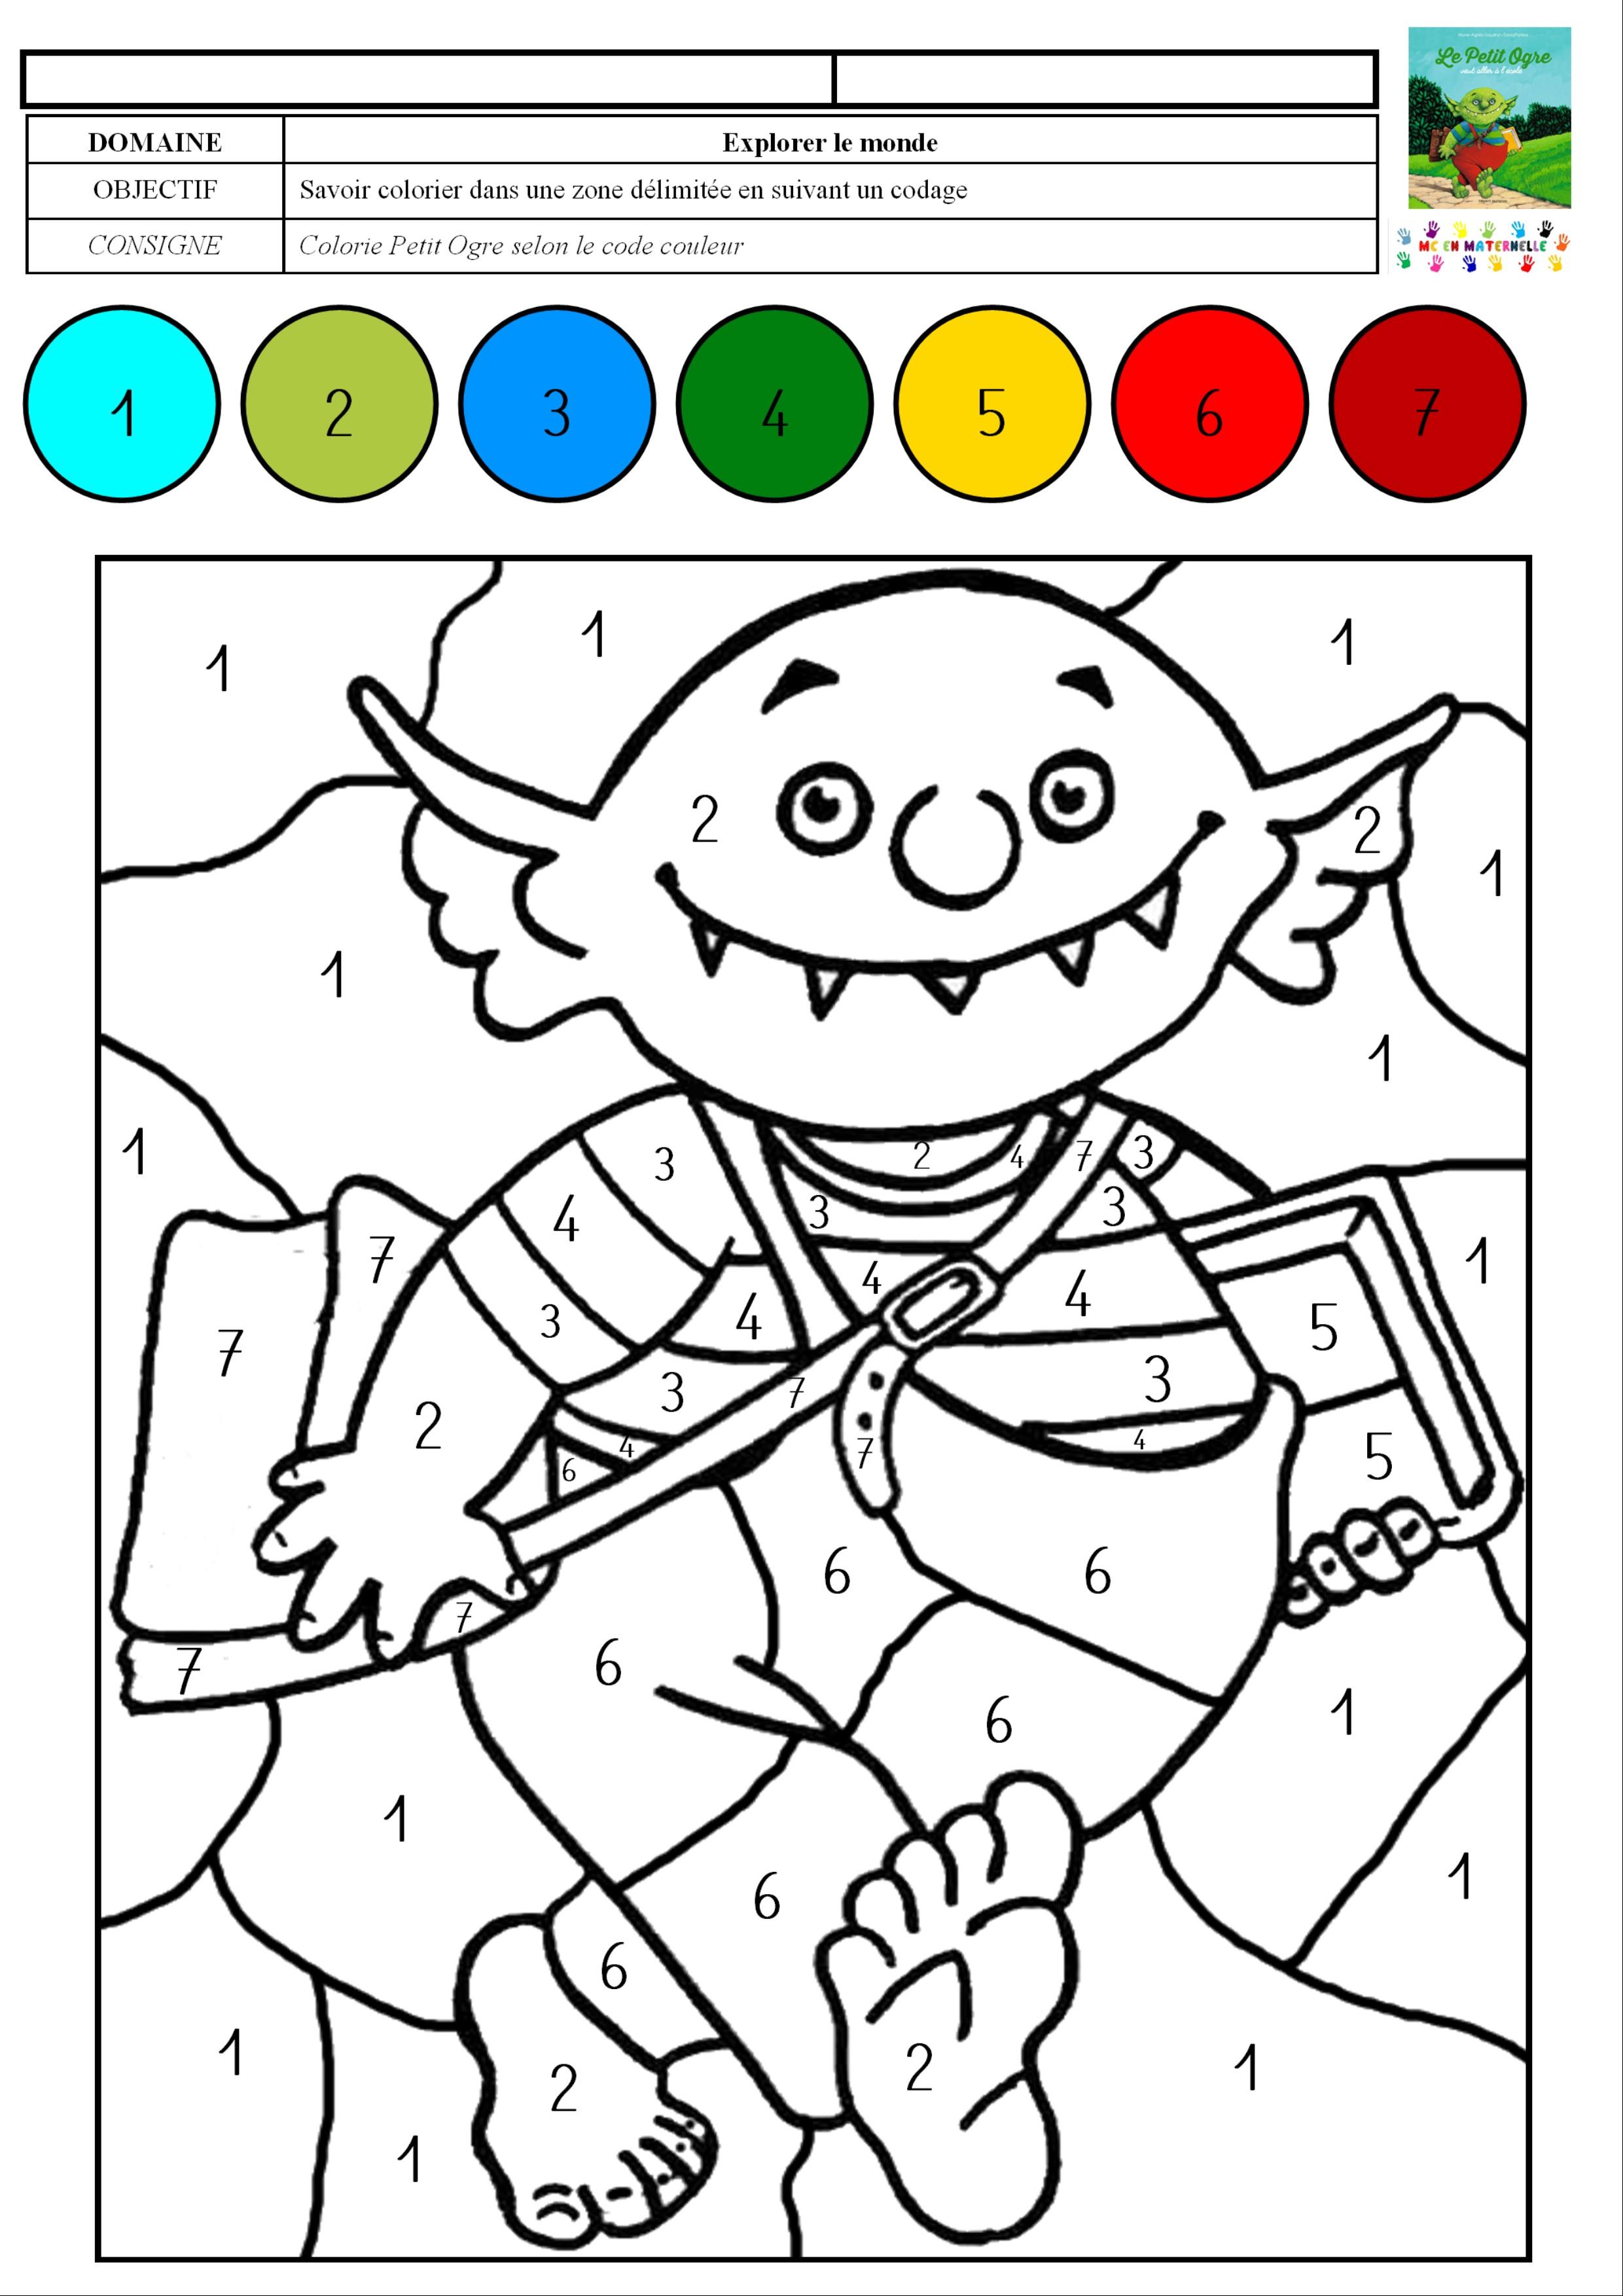 Coloriage Code.Le Petit Ogre Veut Aller A L Ecole Coloriage Magique Avec